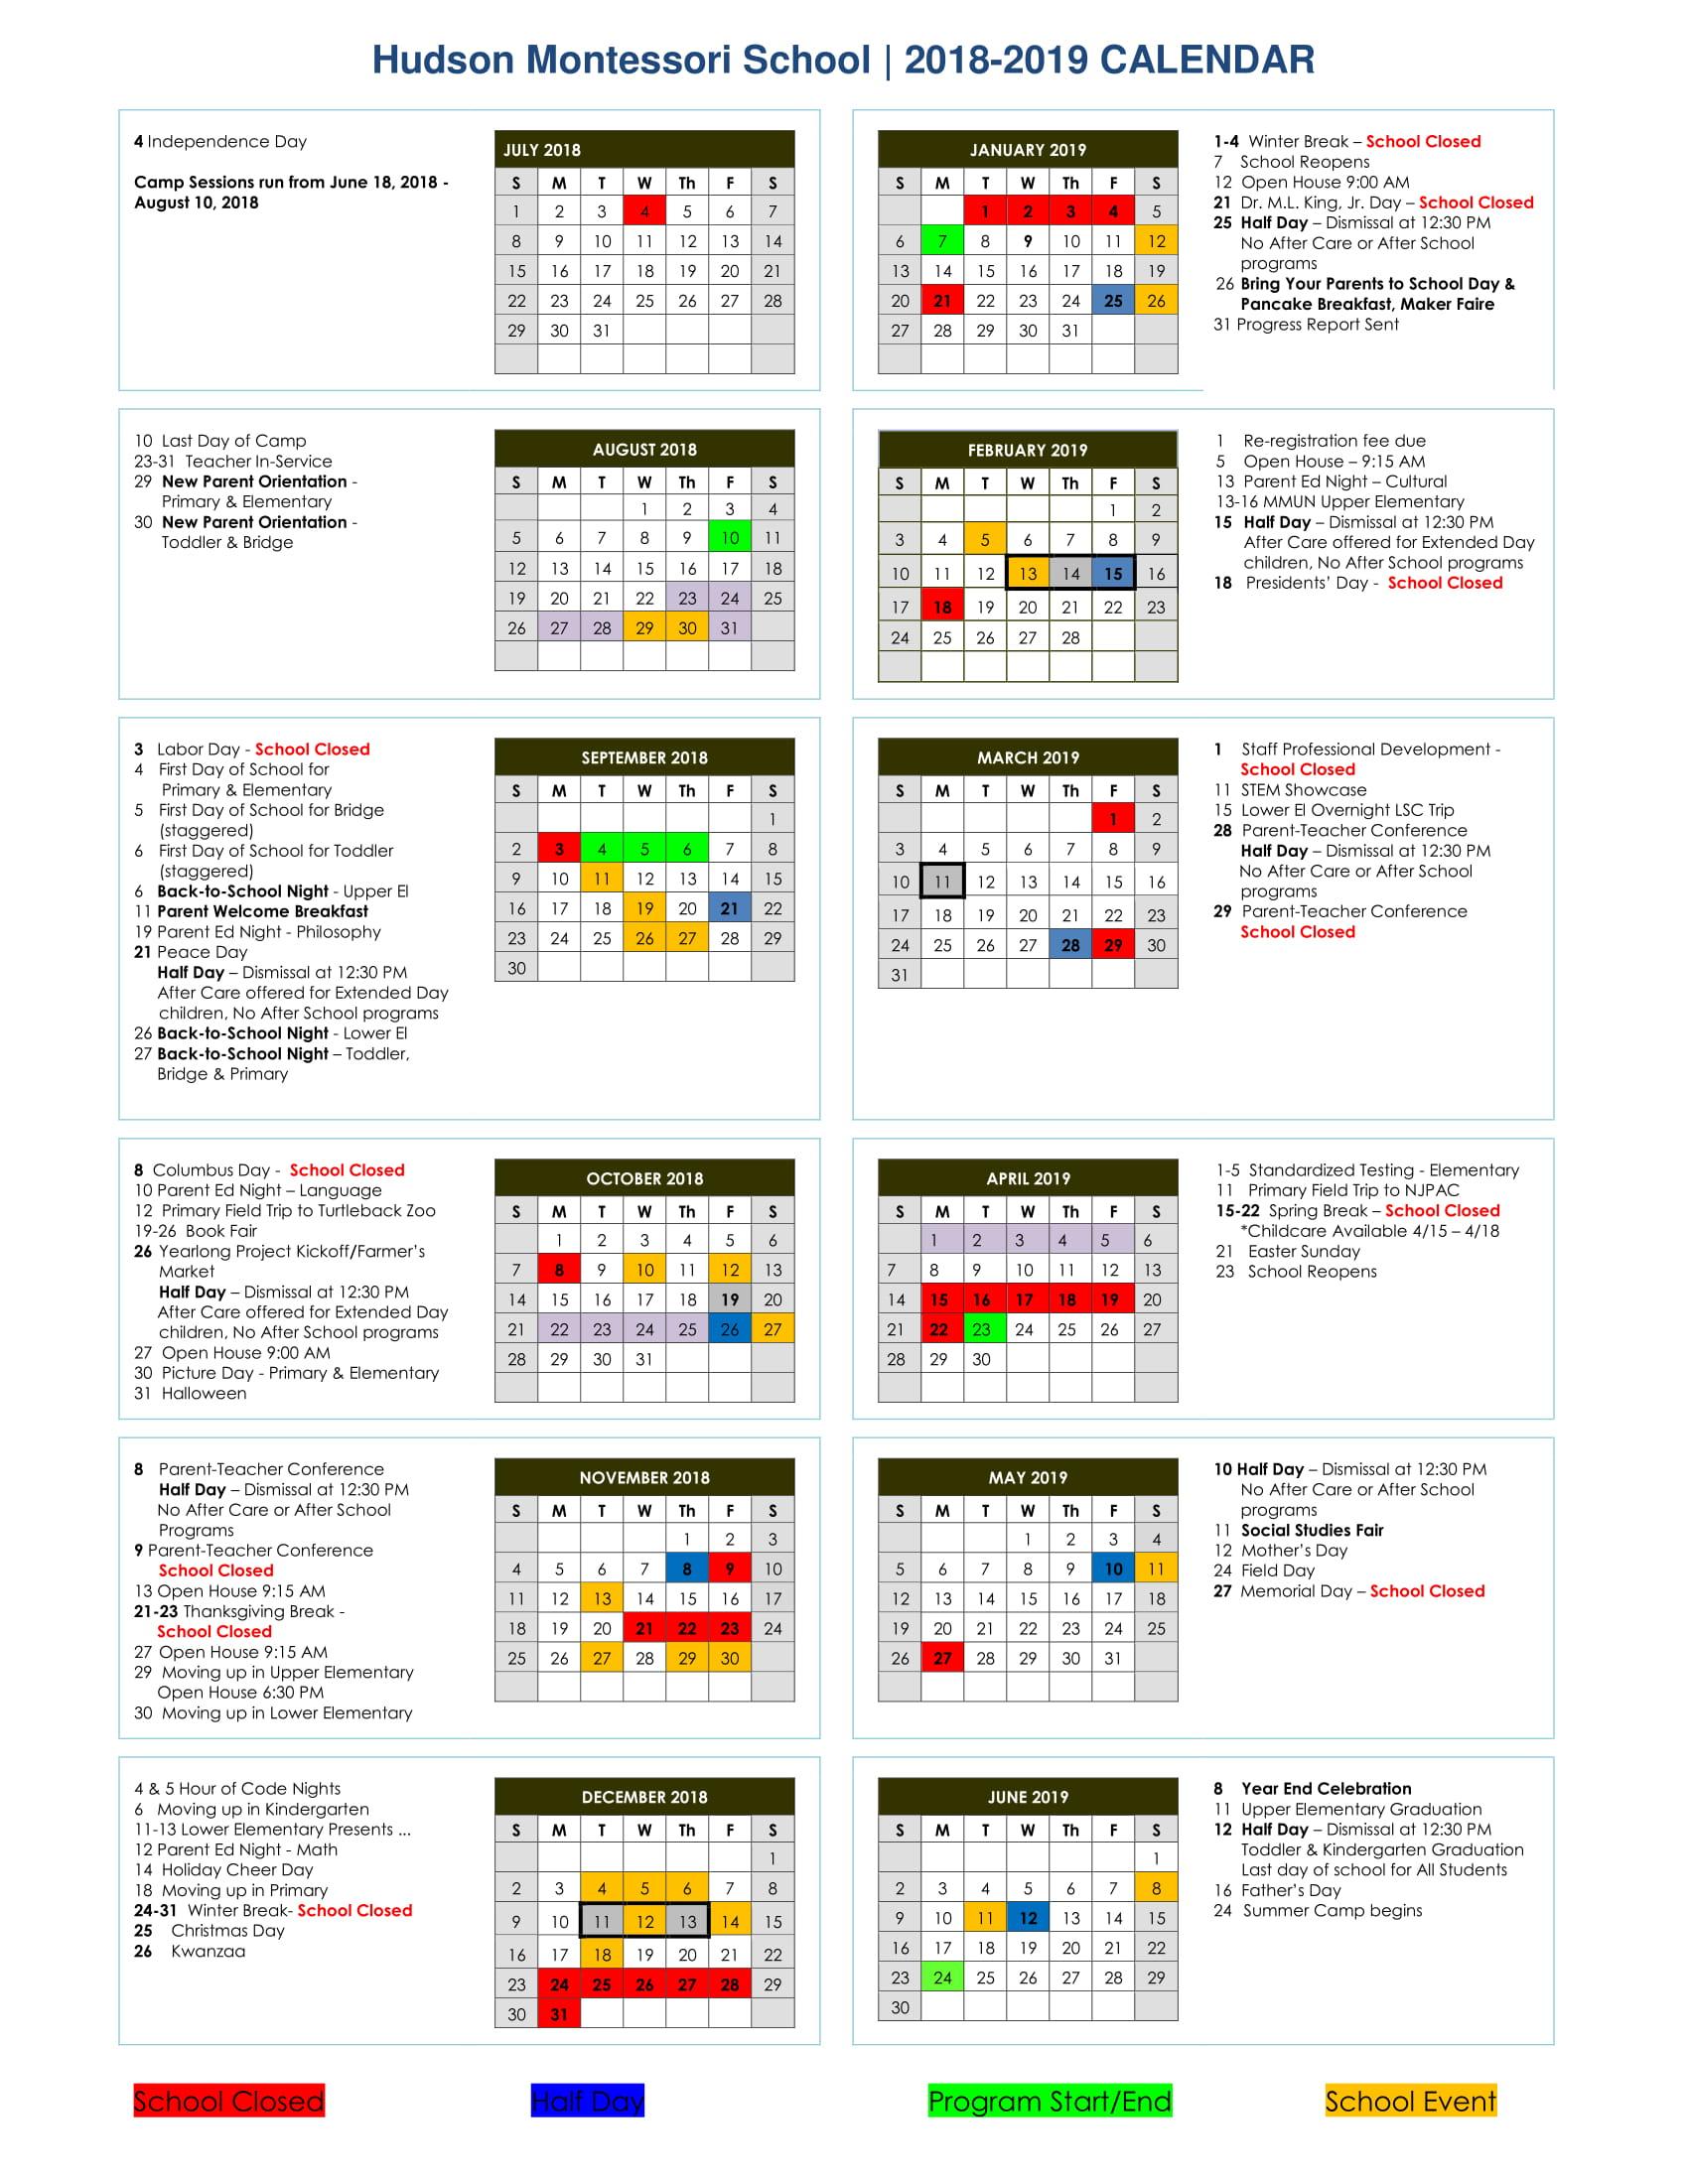 Calendar 2018 2019 | In New Canaan School Calendar